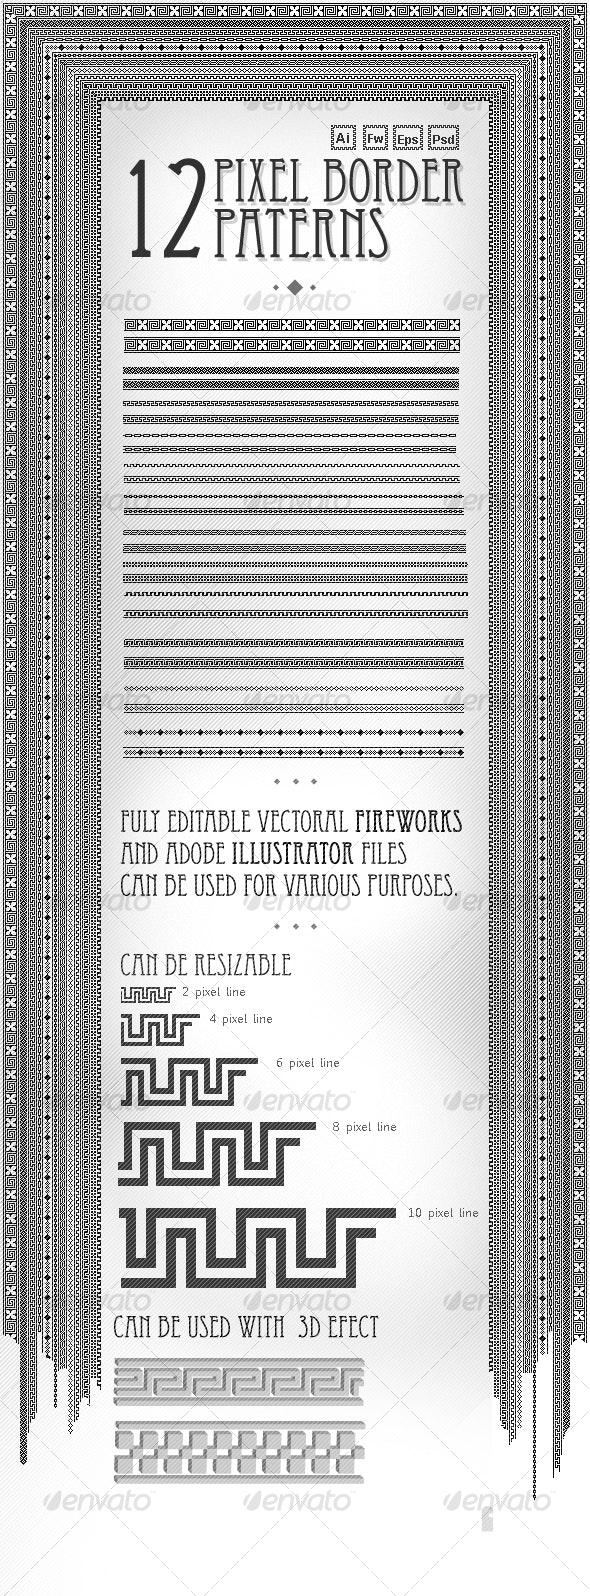 Pixel border pattern Pack(12 piece) - Decorative Vectors